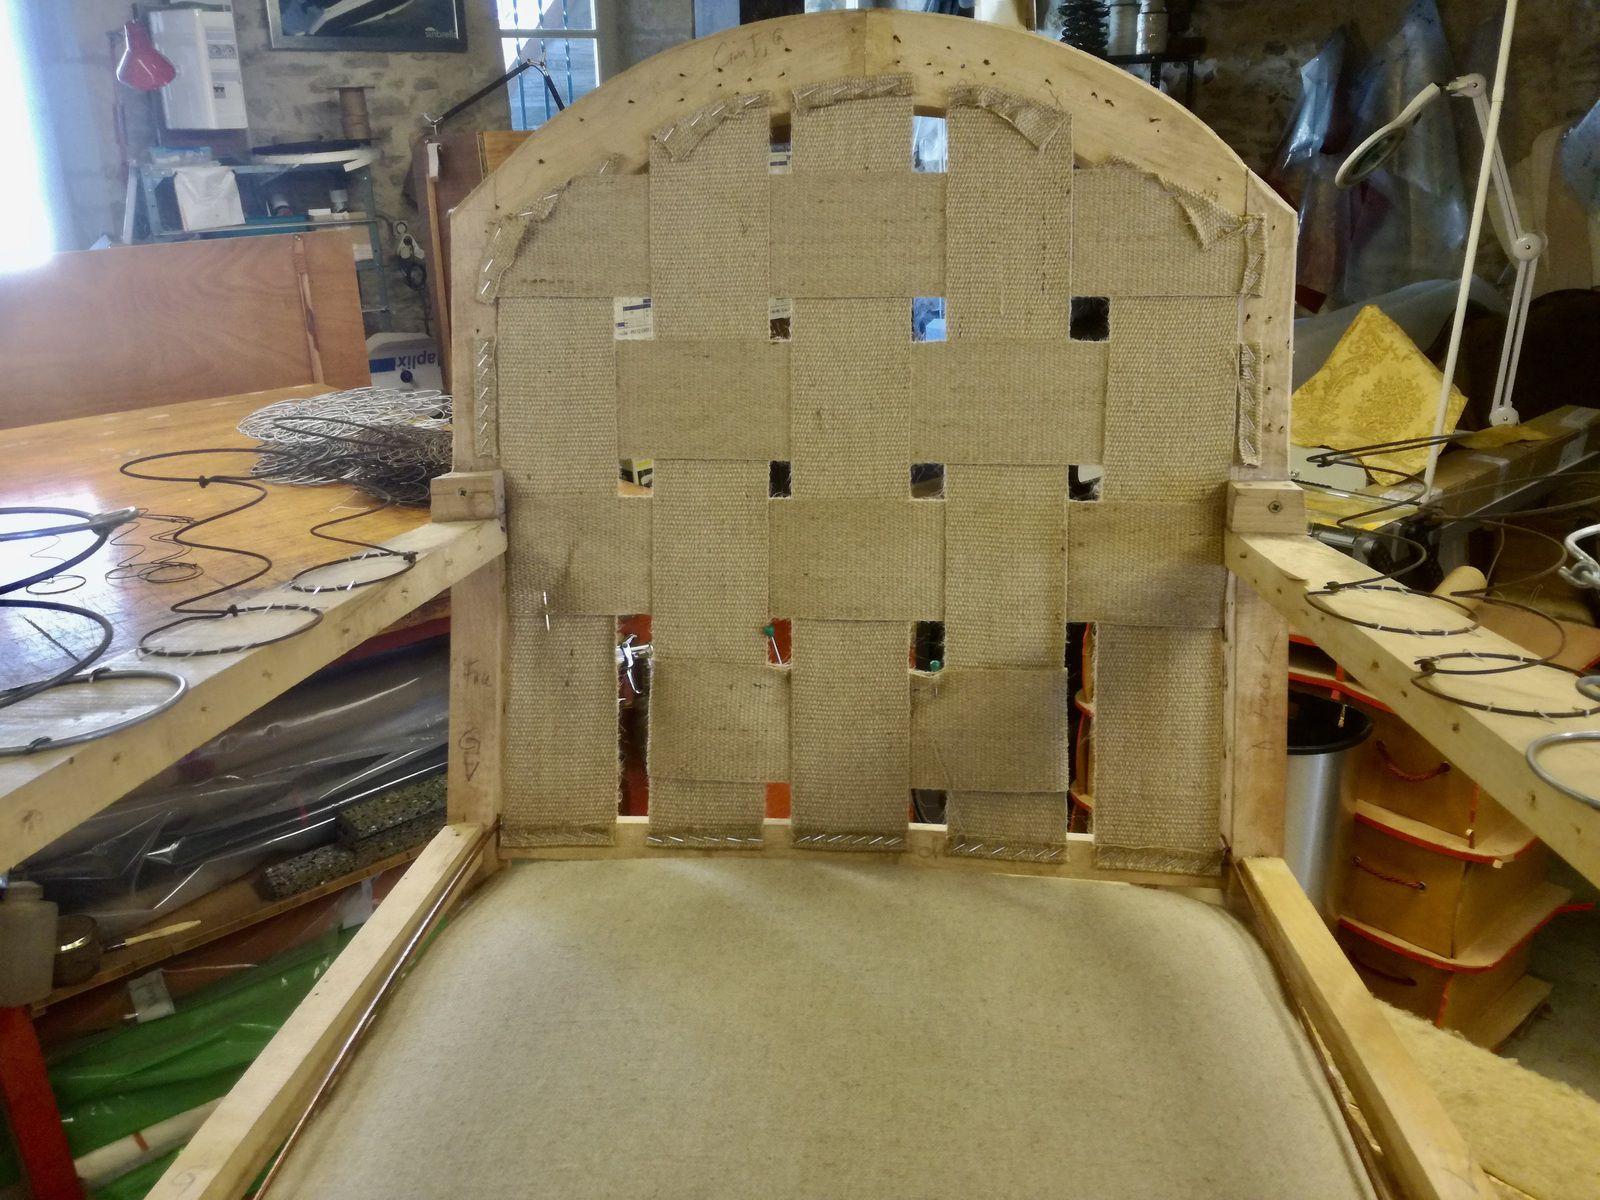 Réfection complète fauteuil Club - Atelier Hafner Surgères 17 Charente maritime